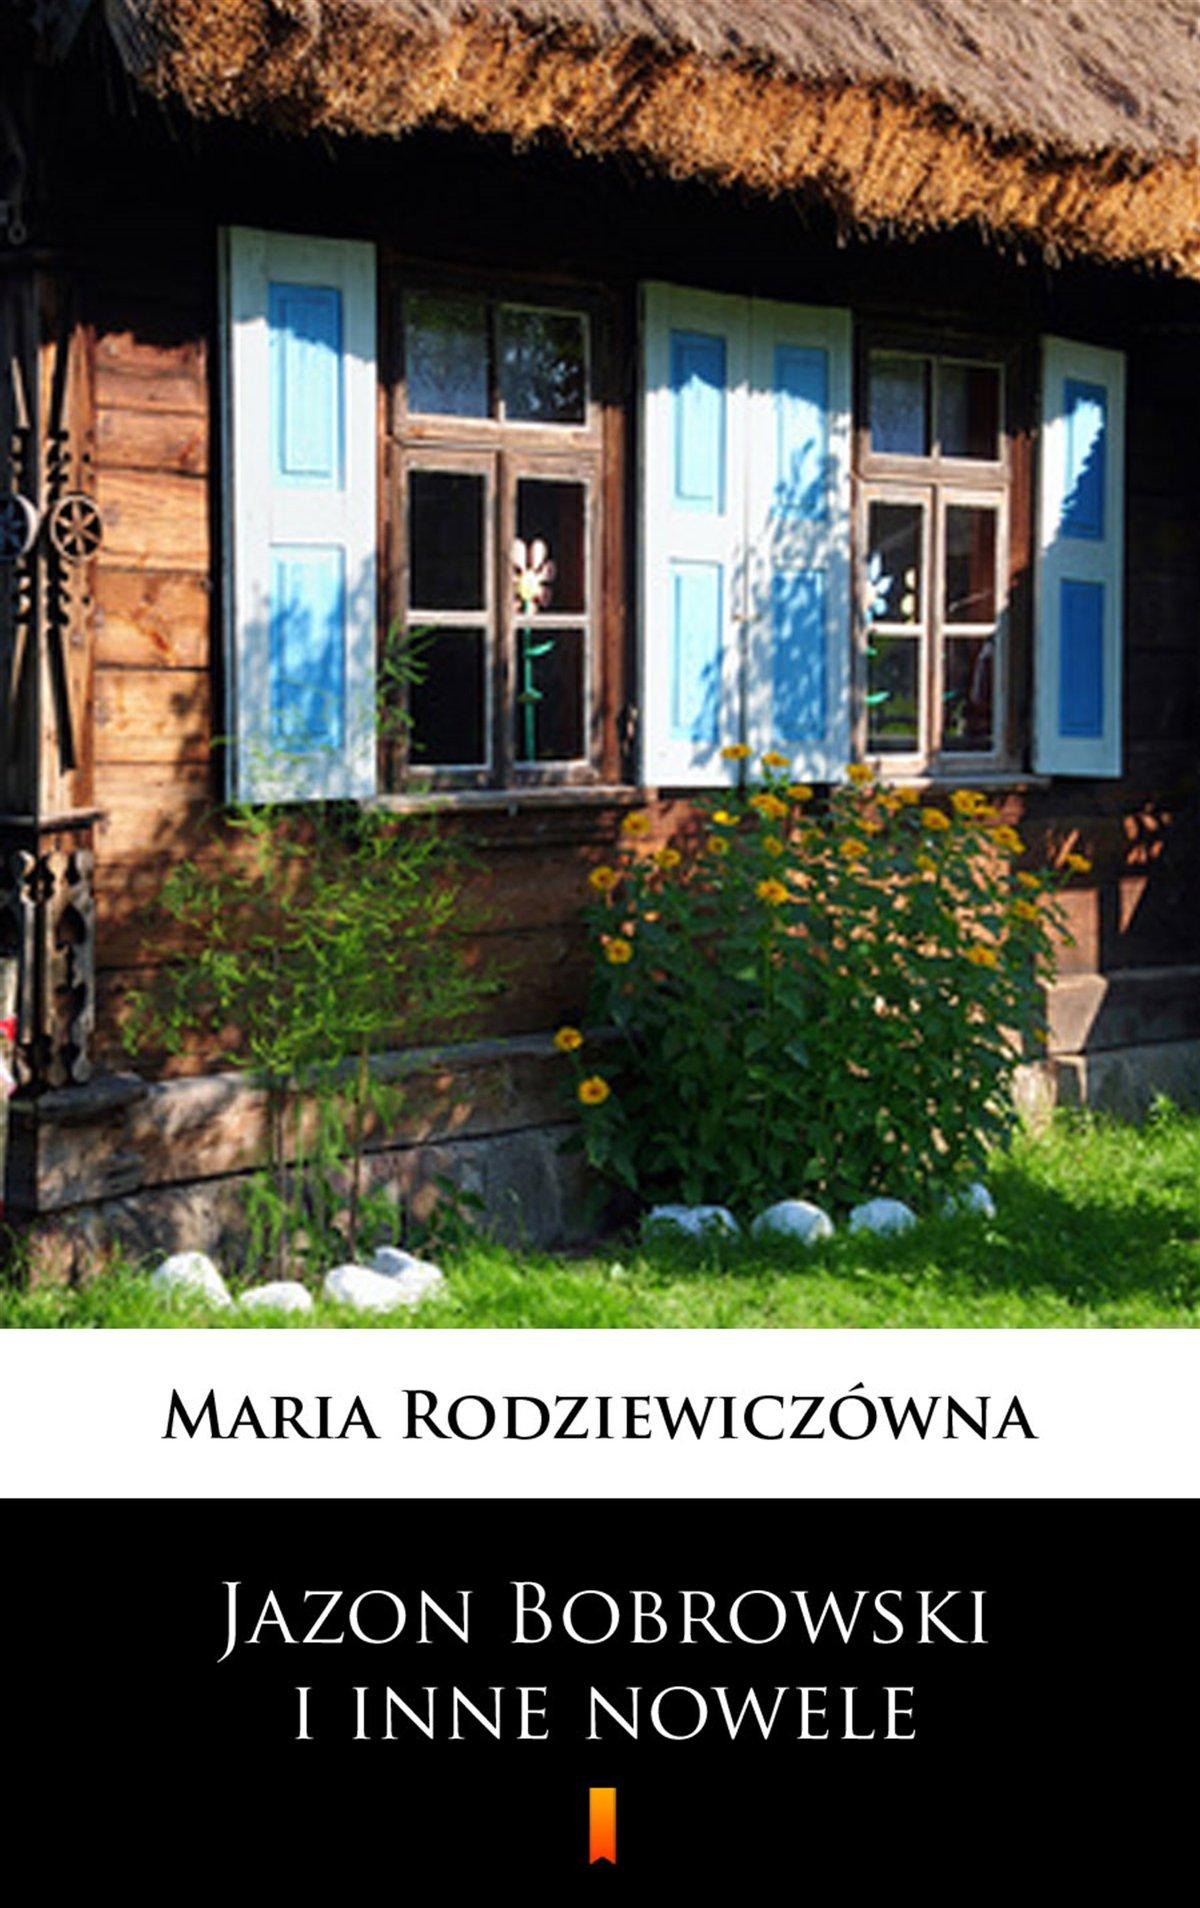 Jazon Bobrowski i inne nowele - Ebook (Książka na Kindle) do pobrania w formacie MOBI